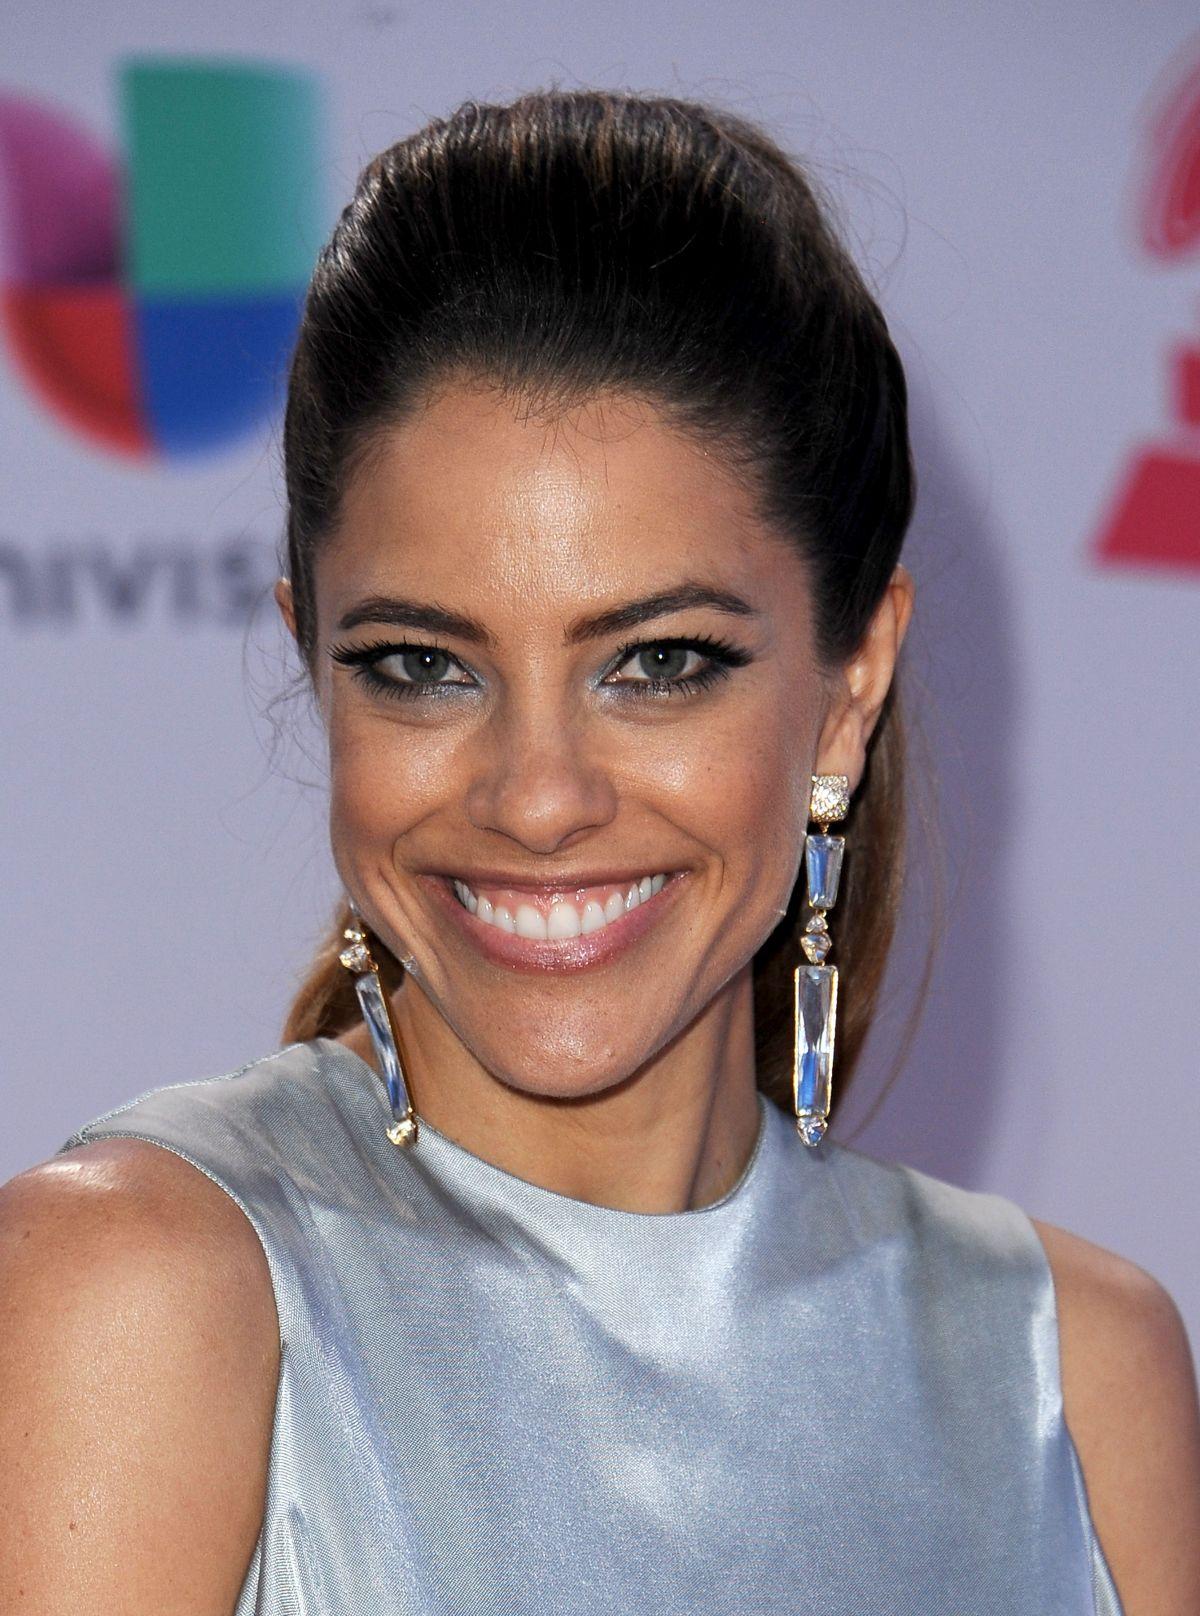 DEBI NOVA at 2015 Latin Grammy Awards in Las Vegas 11/18/2015